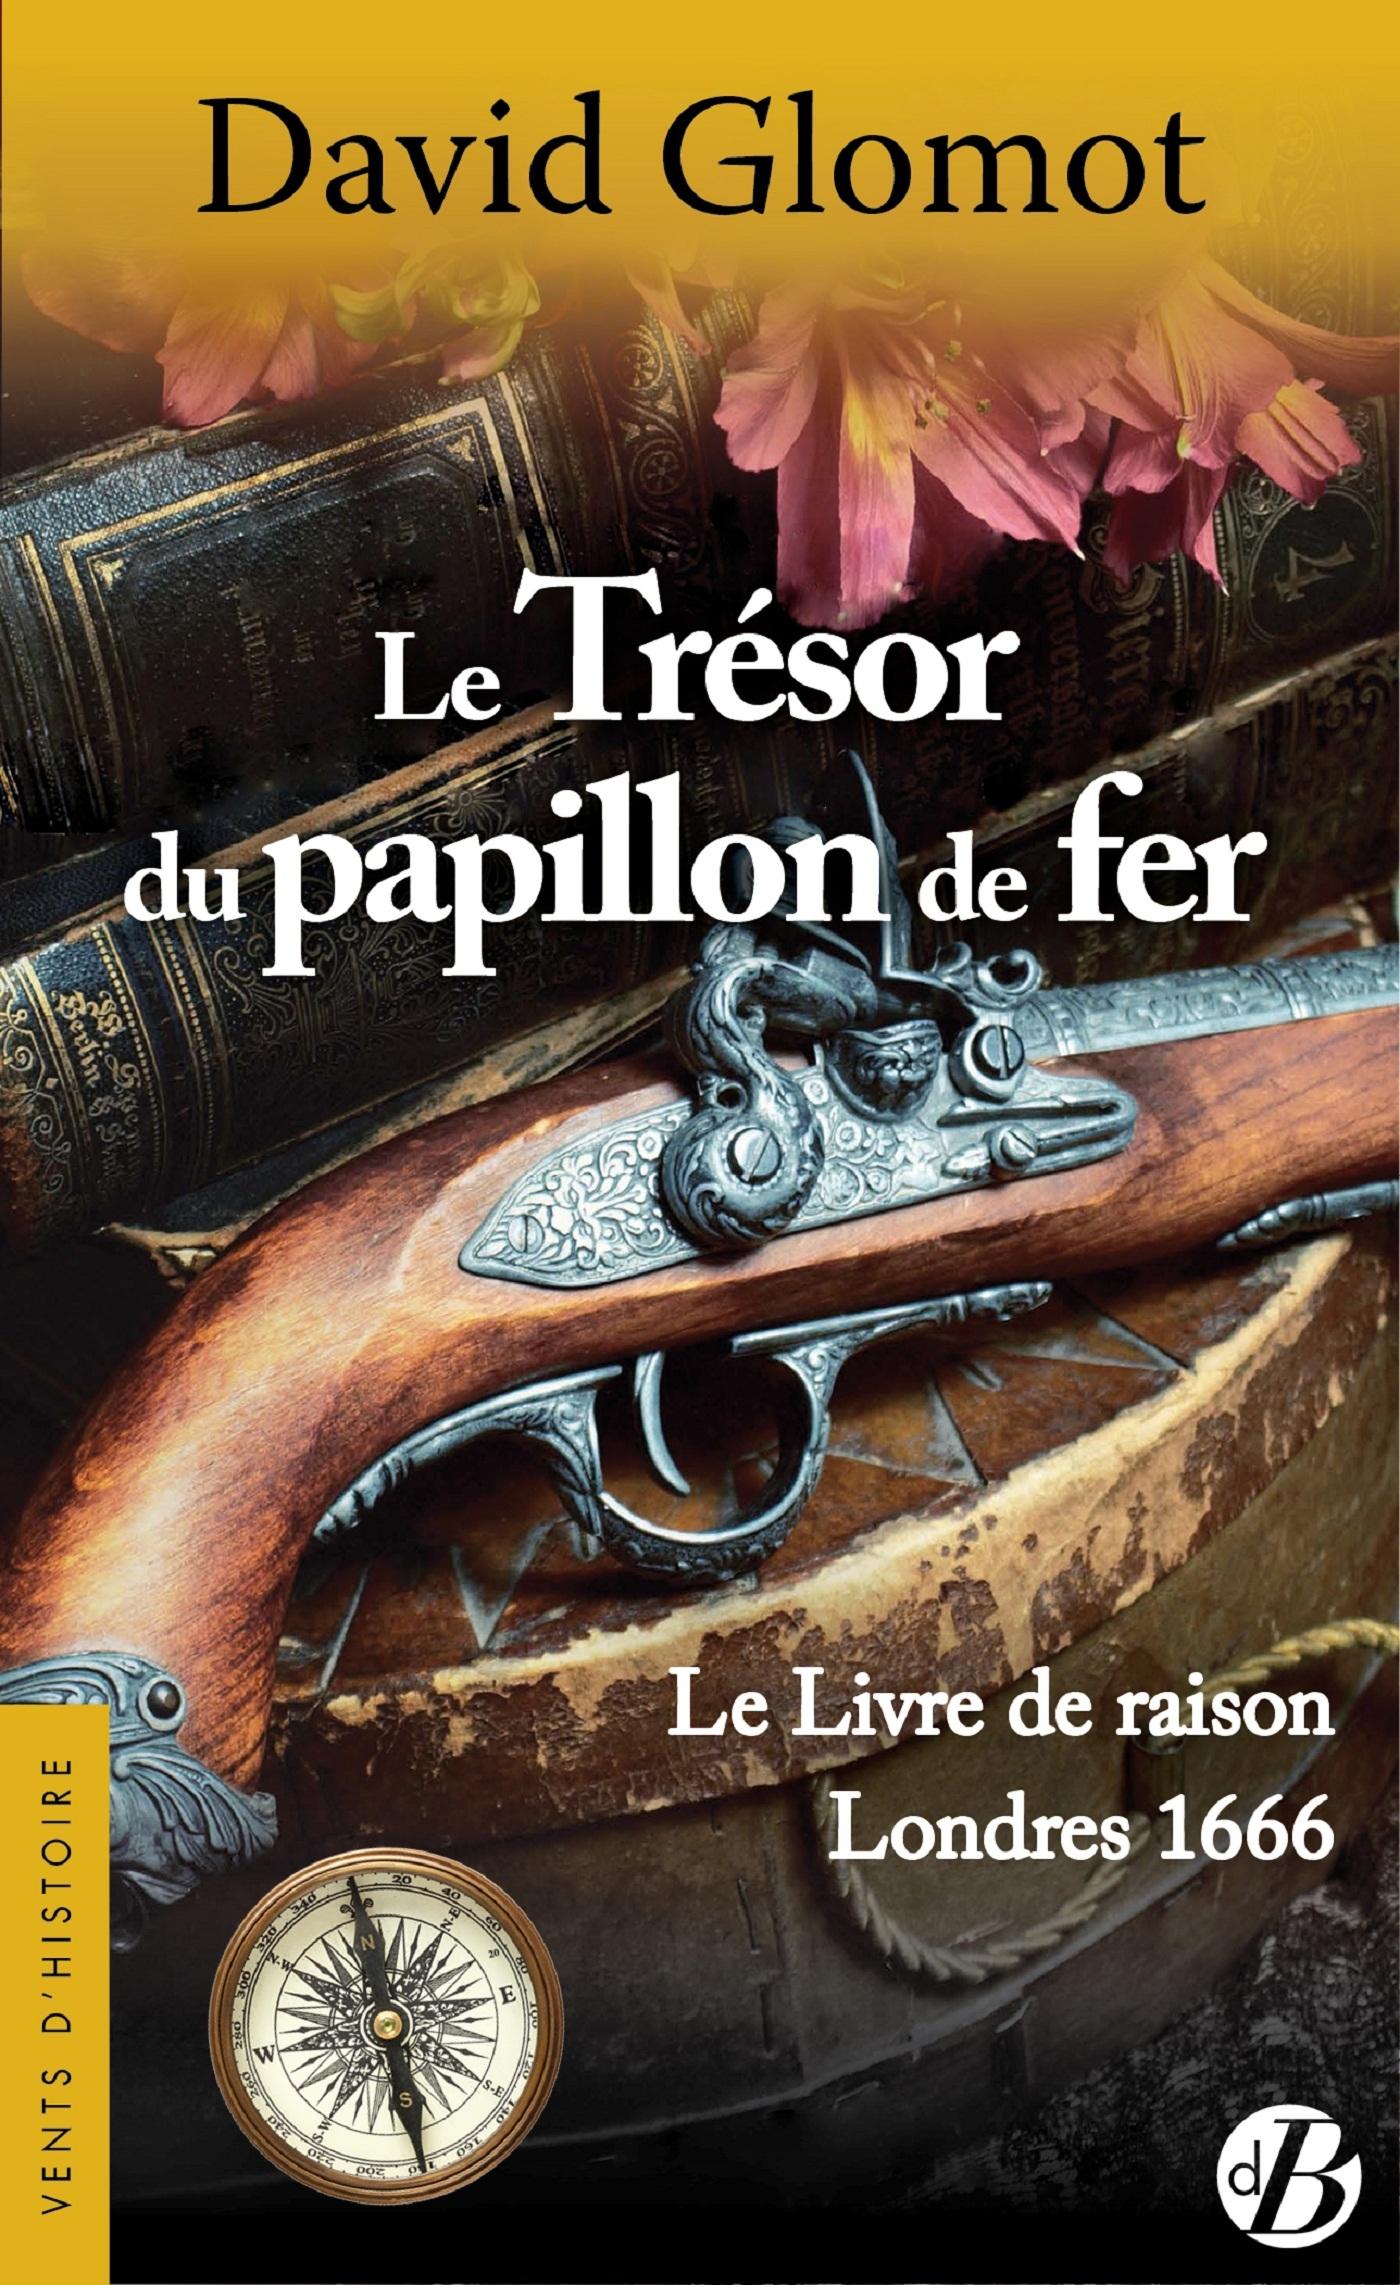 LE TRESOR DU PAPILLON DE FER - LE LIVRE DE RAISON - LONDRES 1666